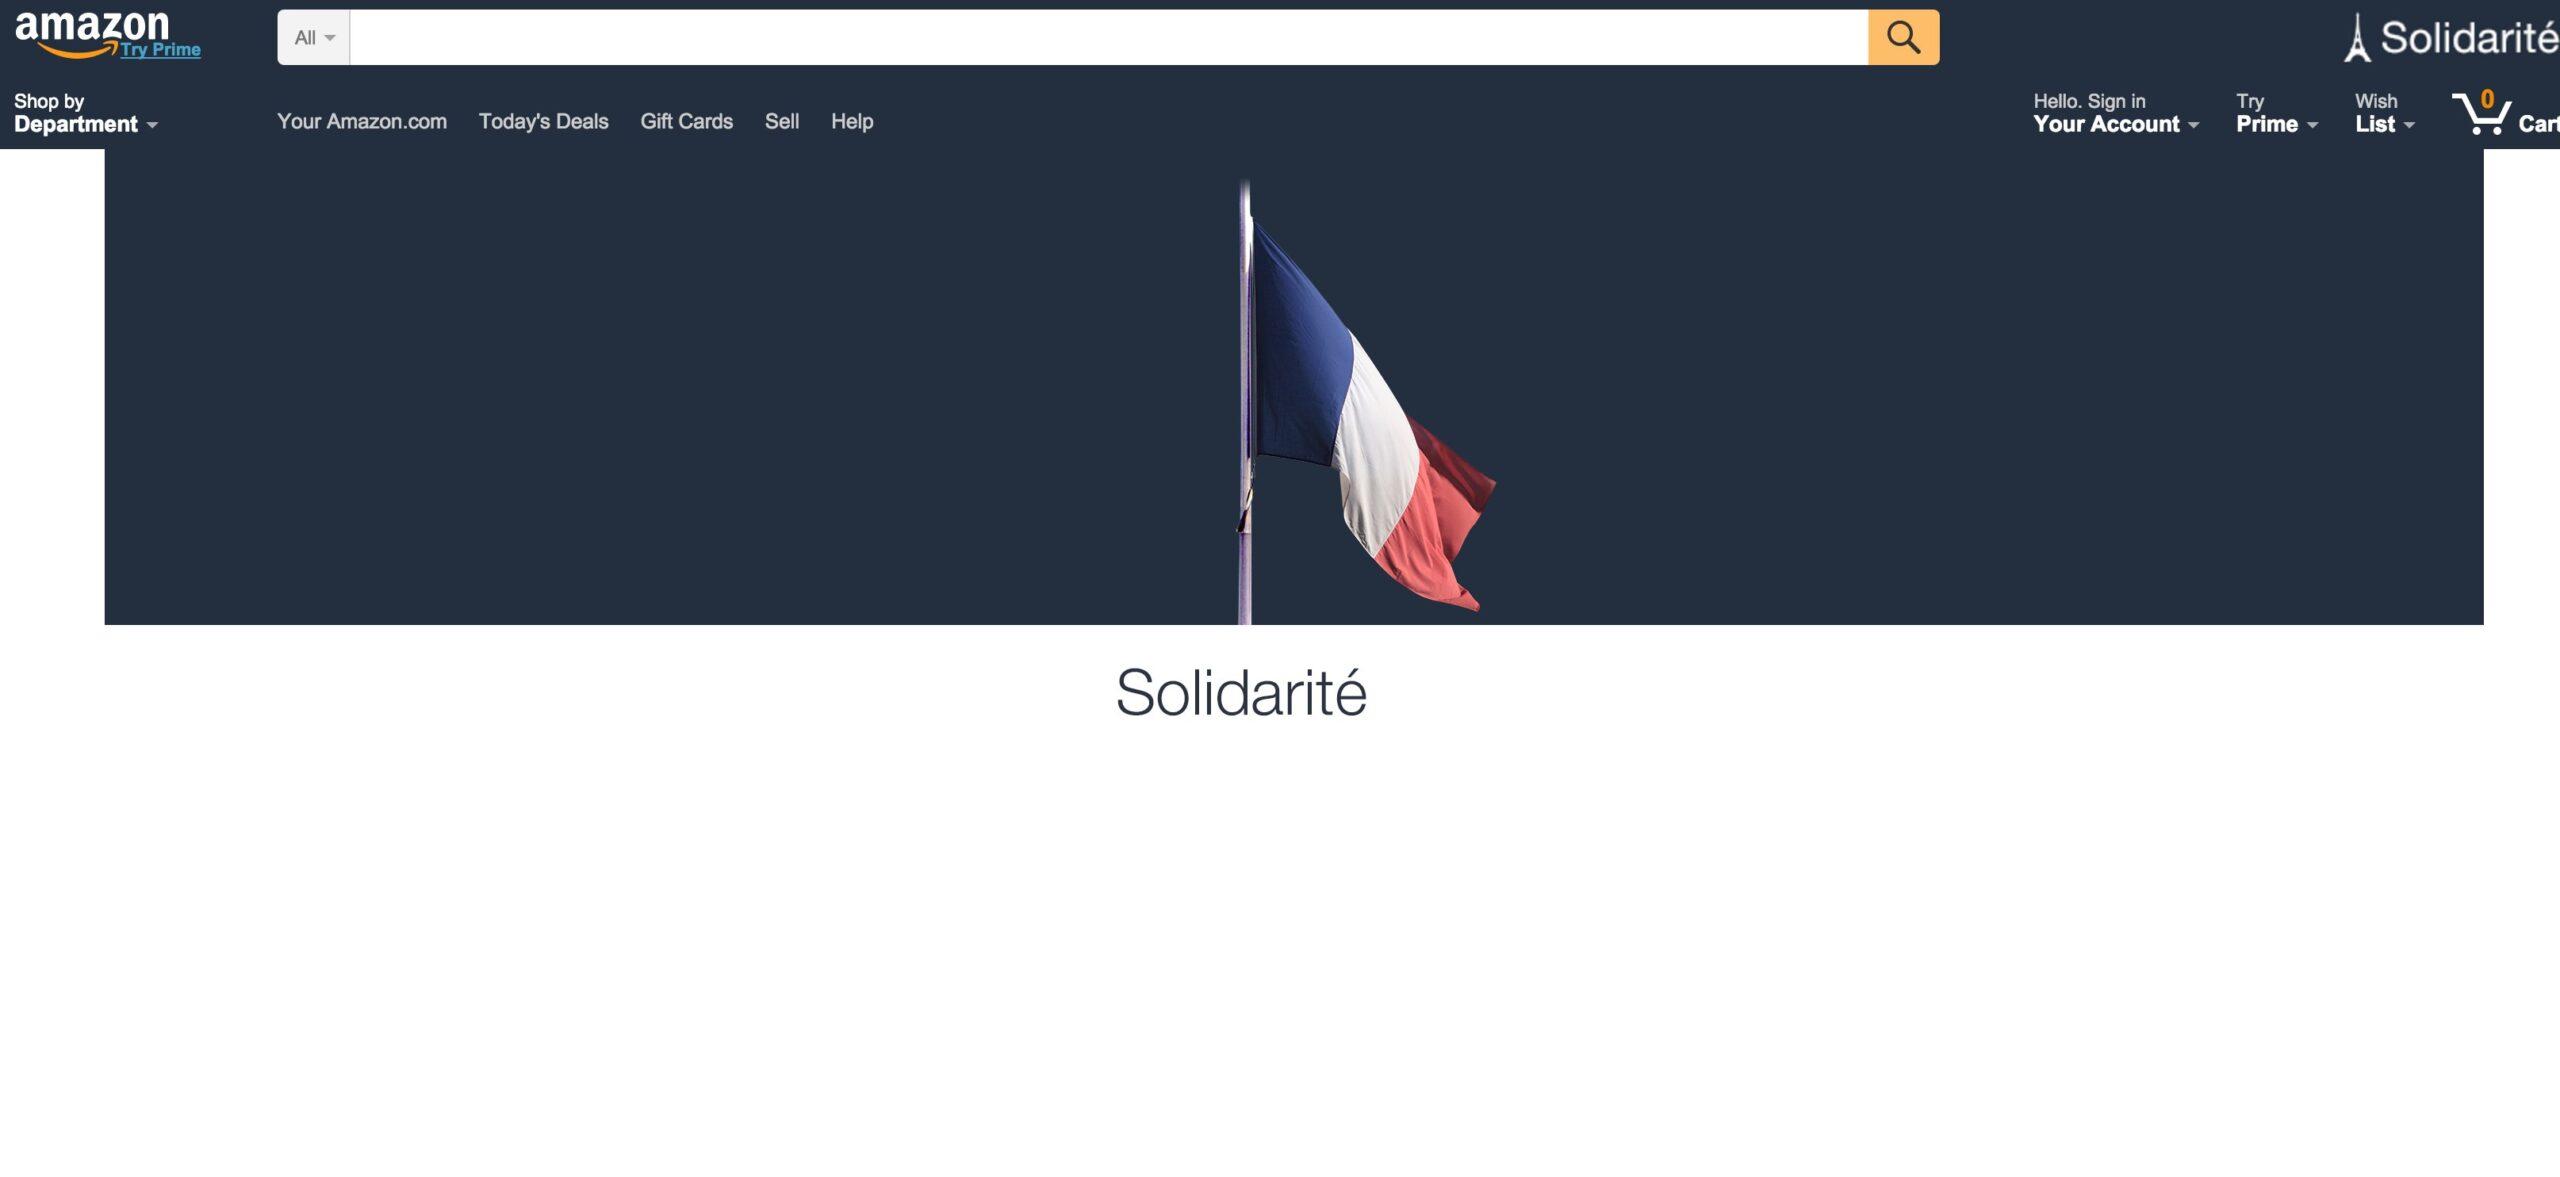 amazon-home-page ضحكة تقنية: فوضى تفجيرات باريس على الشبكات الإجتماعية